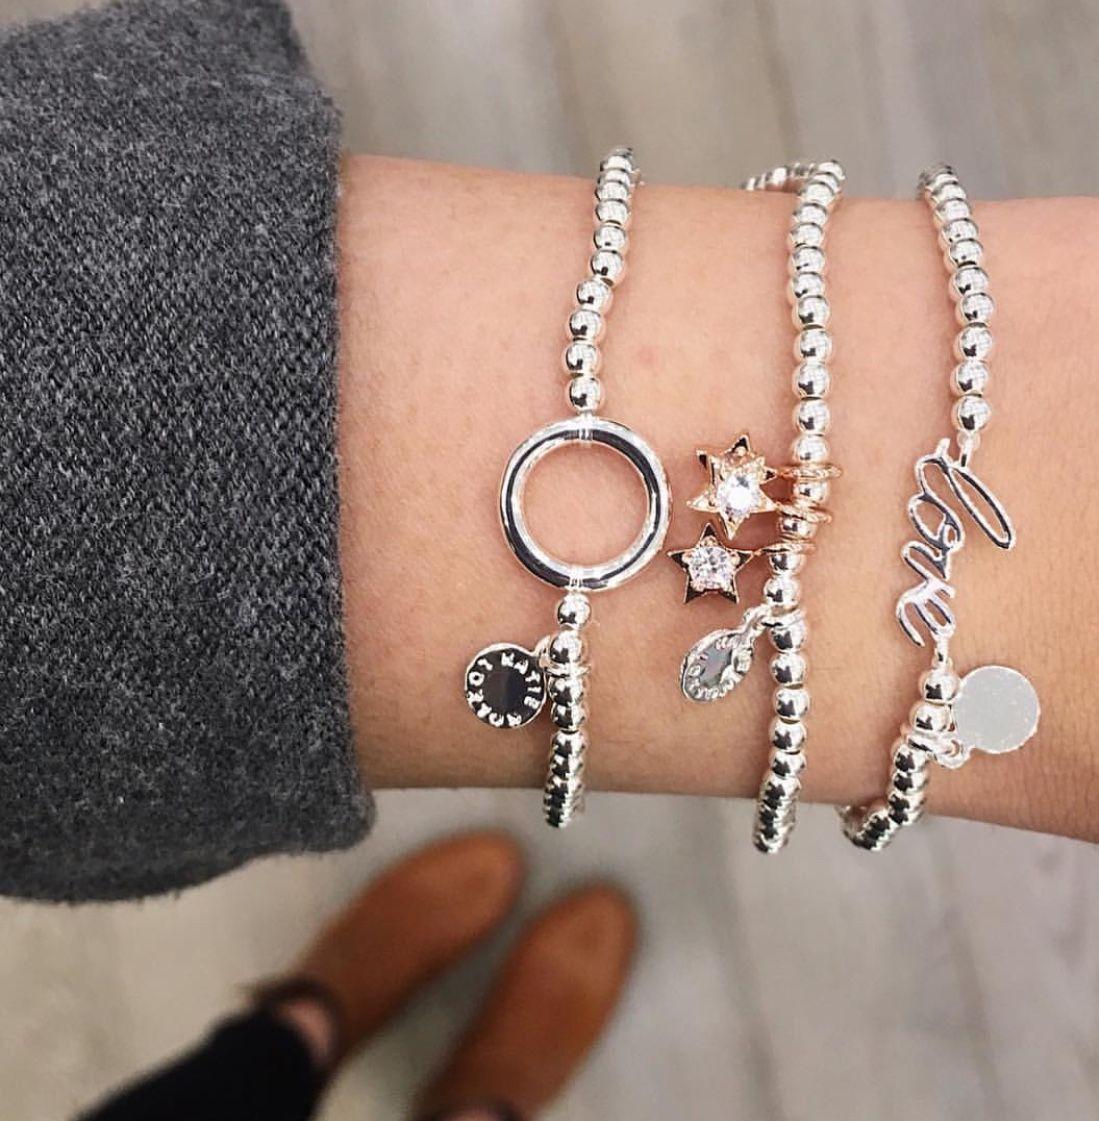 7b012e266a3d3 Katie Loxton bracelets   Katie Loxton in 2019   Bracelets, Jewelry ...